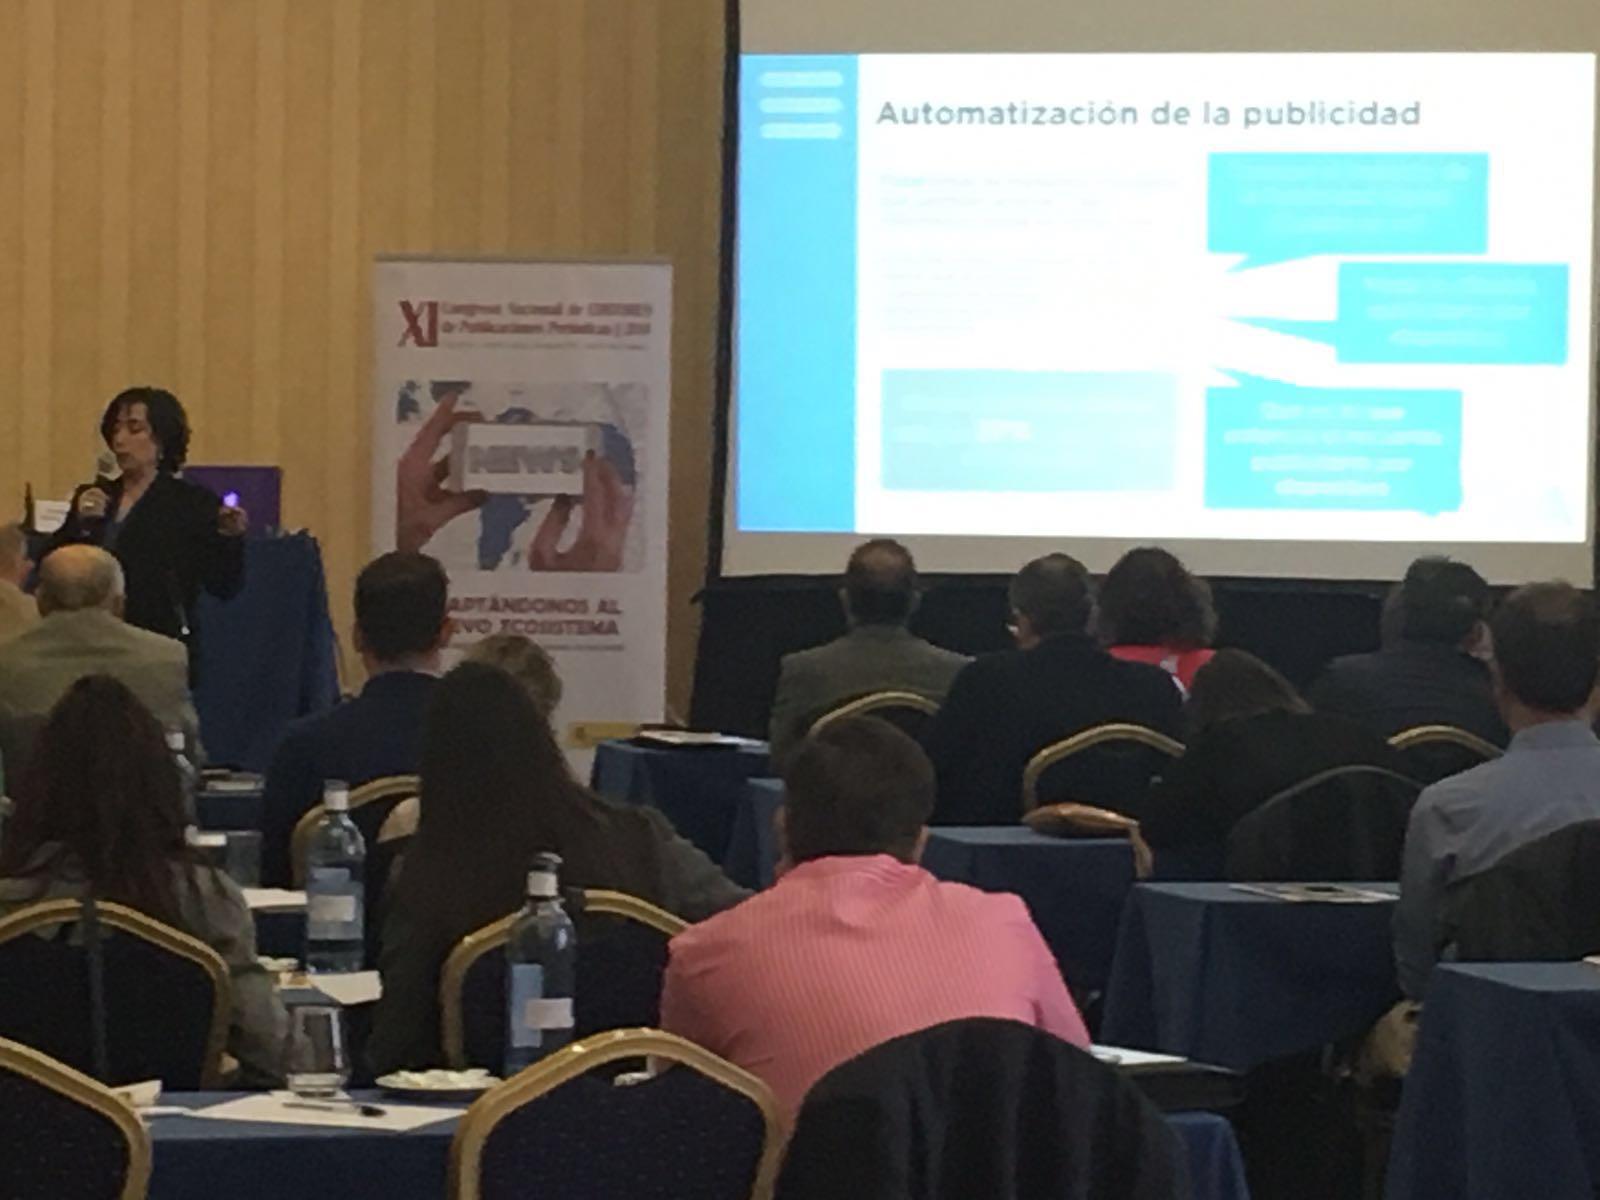 Momento de la ponencia inaugural a cargo de Dña. Rosalía Lloret (directora de RR.II. de la Online Publishers Association Europe y asesora independiente de Estrategia y Transformación Digital en España e Iberoamérica).